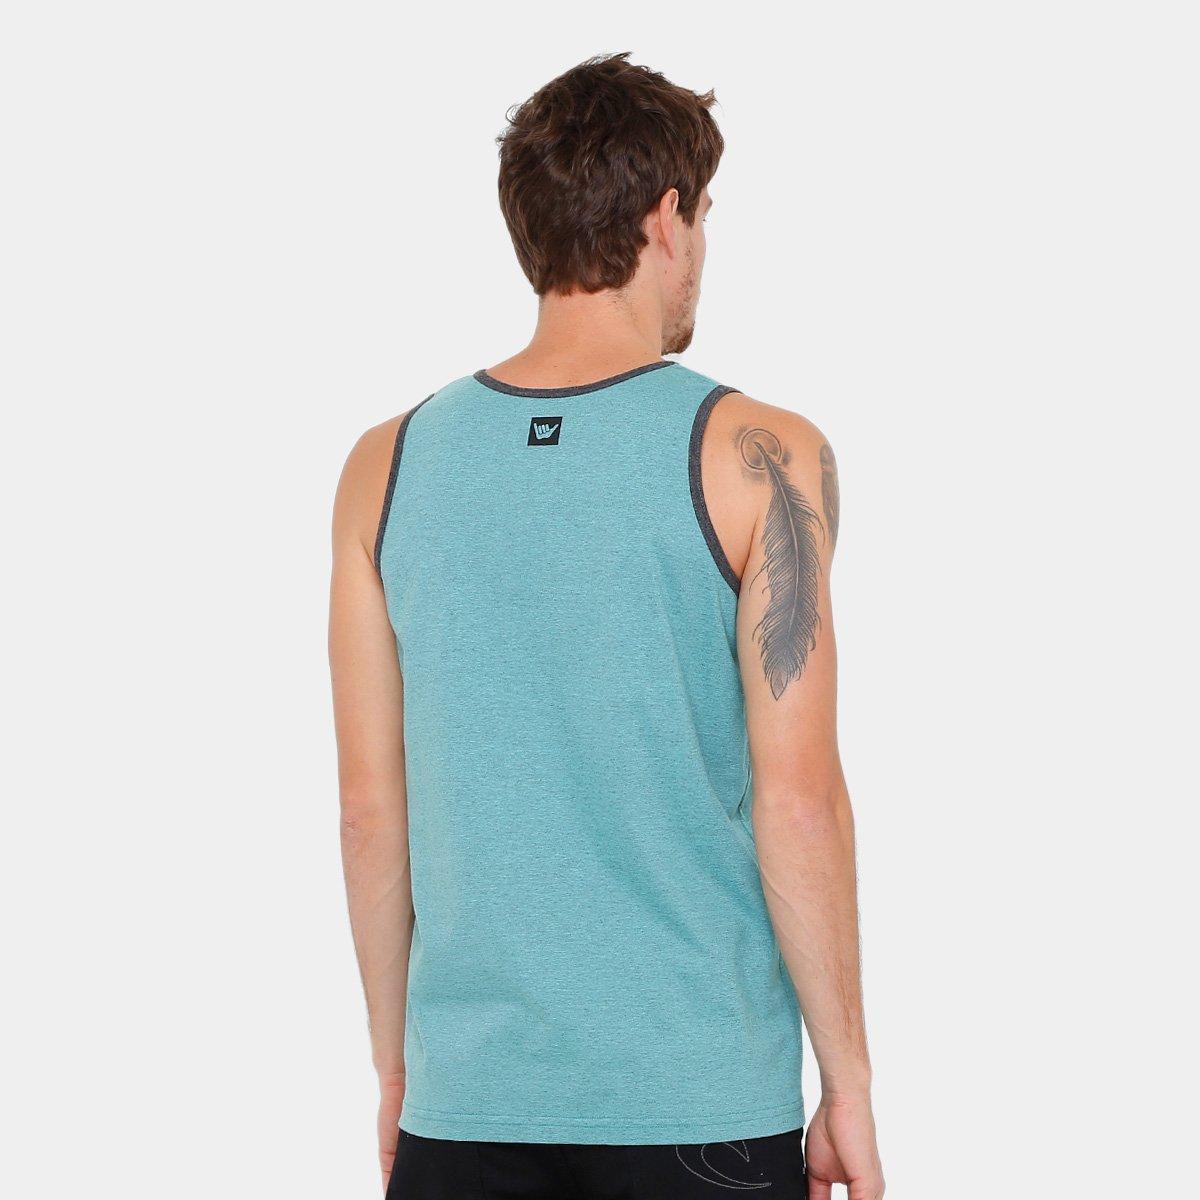 Camiseta Regata Hang Loose Silk Share Masculina - Compre Agora  9ff569bd8b6